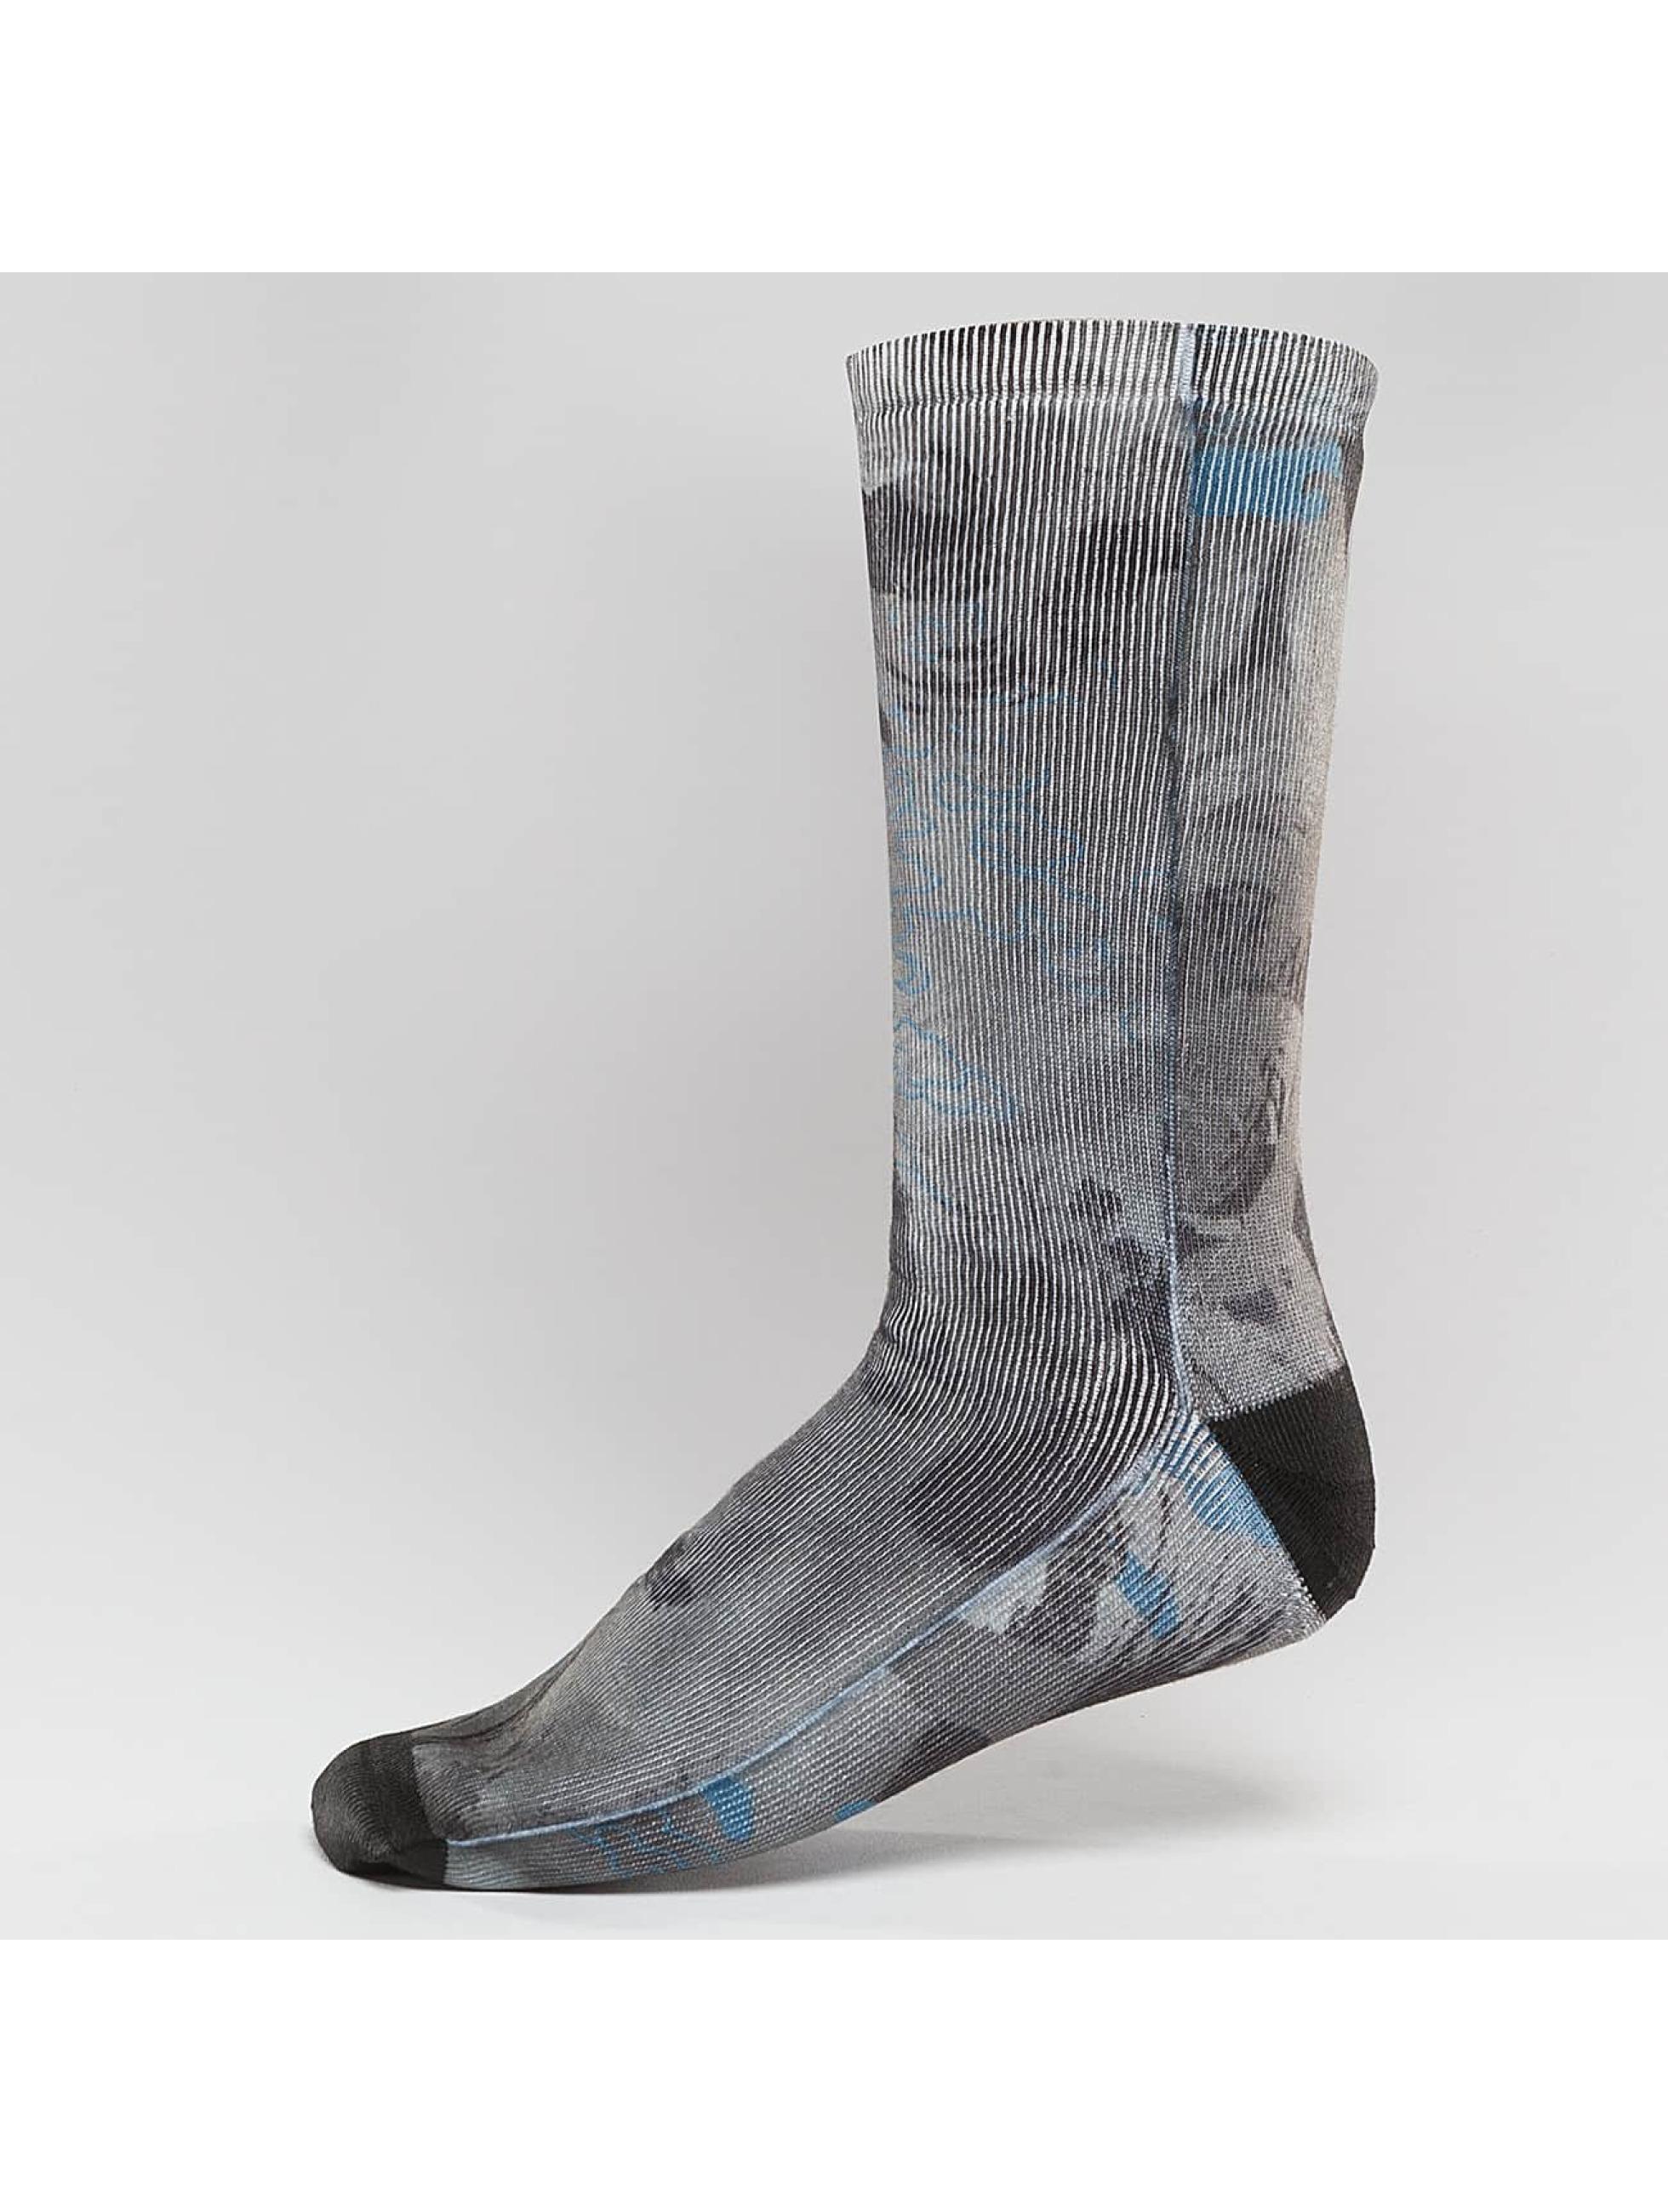 LRG Socks R&D Crew gray